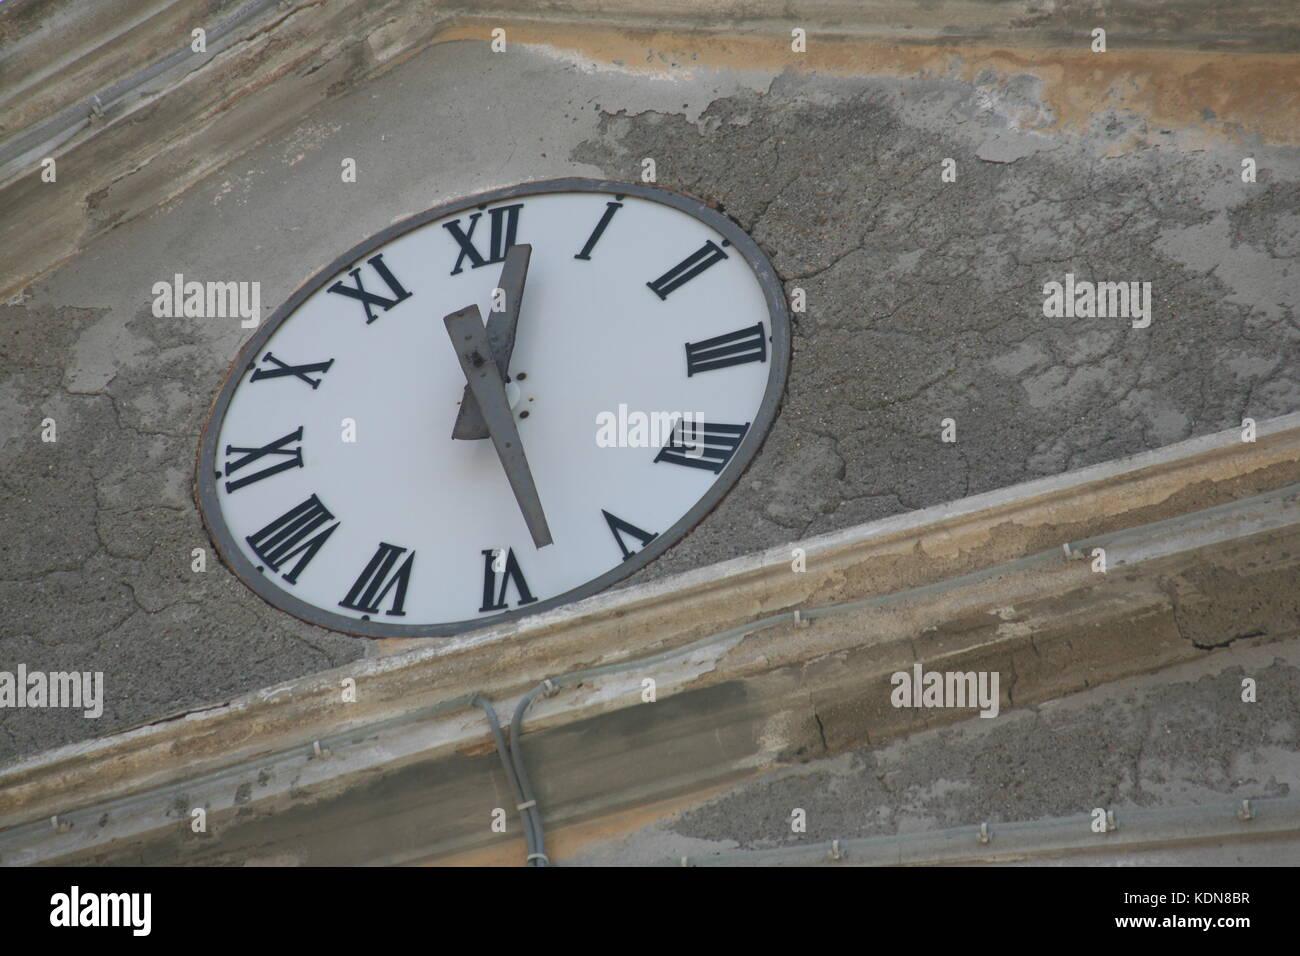 Uhr mit römischen Zahlen -  Clock with Roman Numbers - Stock Image